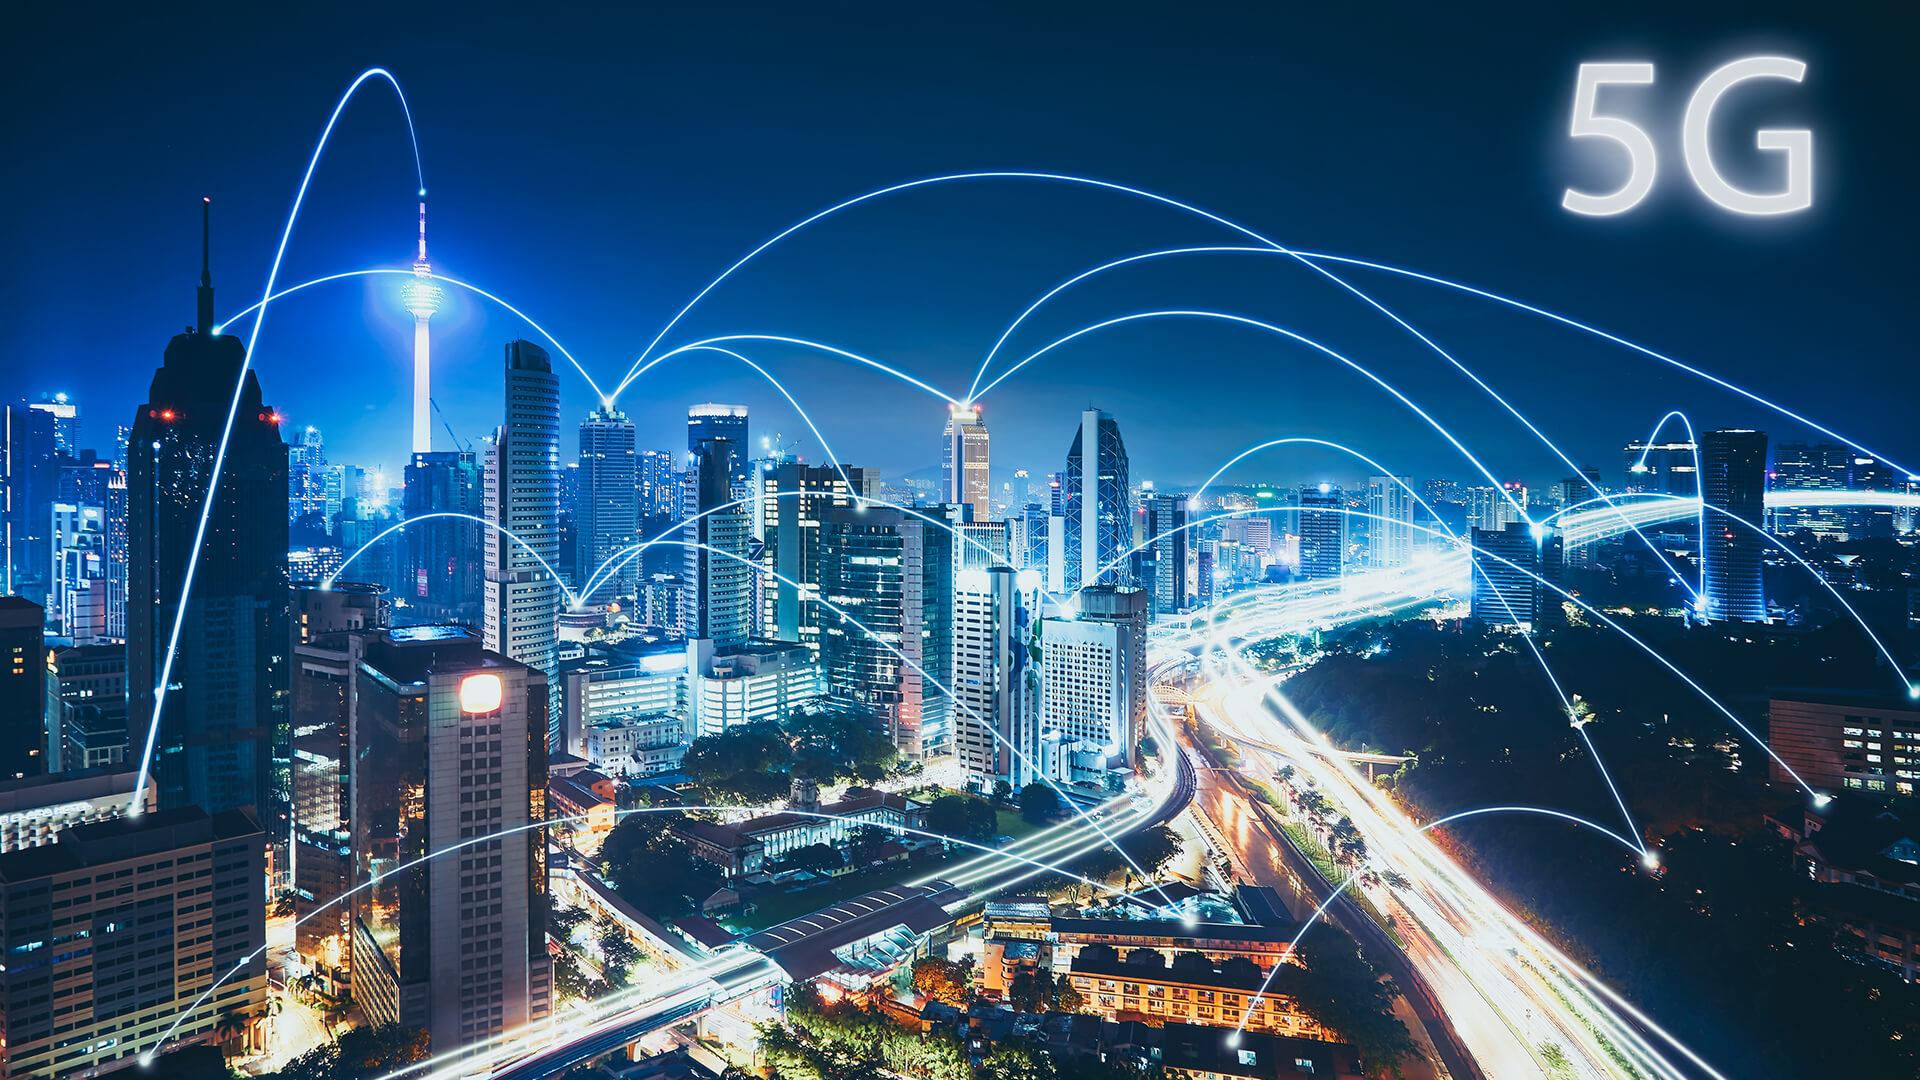 Первые реальные скорости 5G